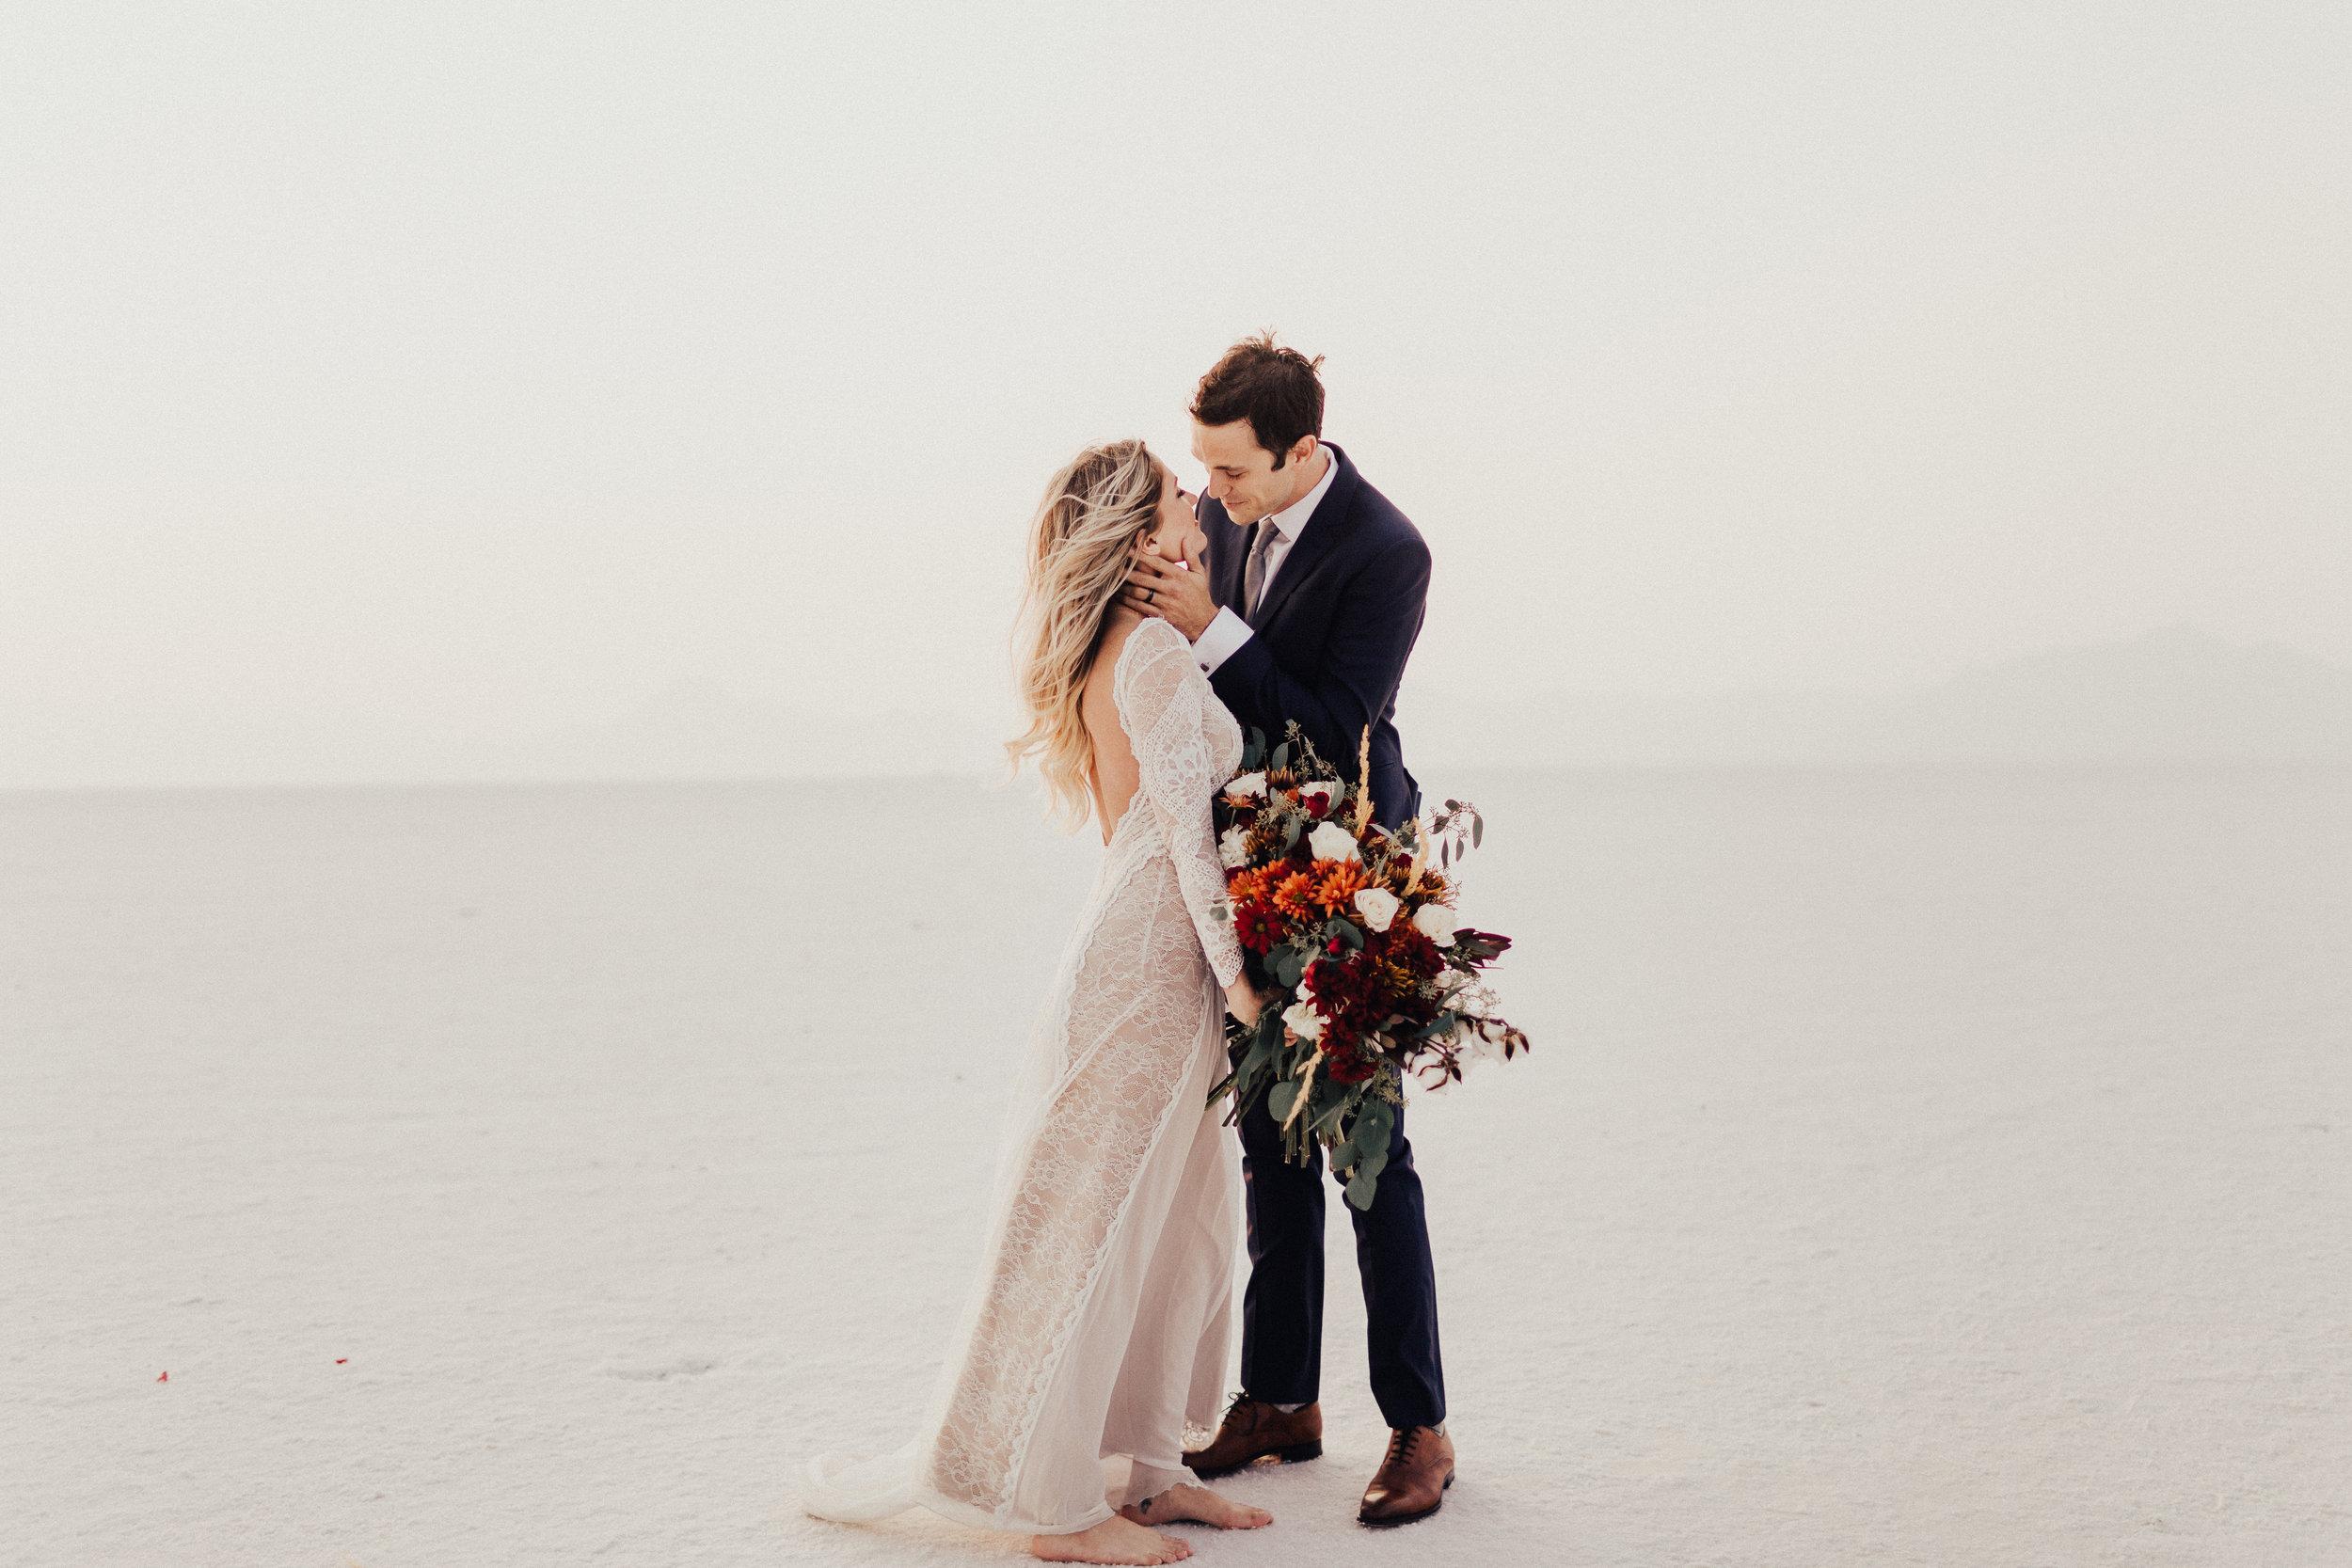 Ben + Jenn - Bridals